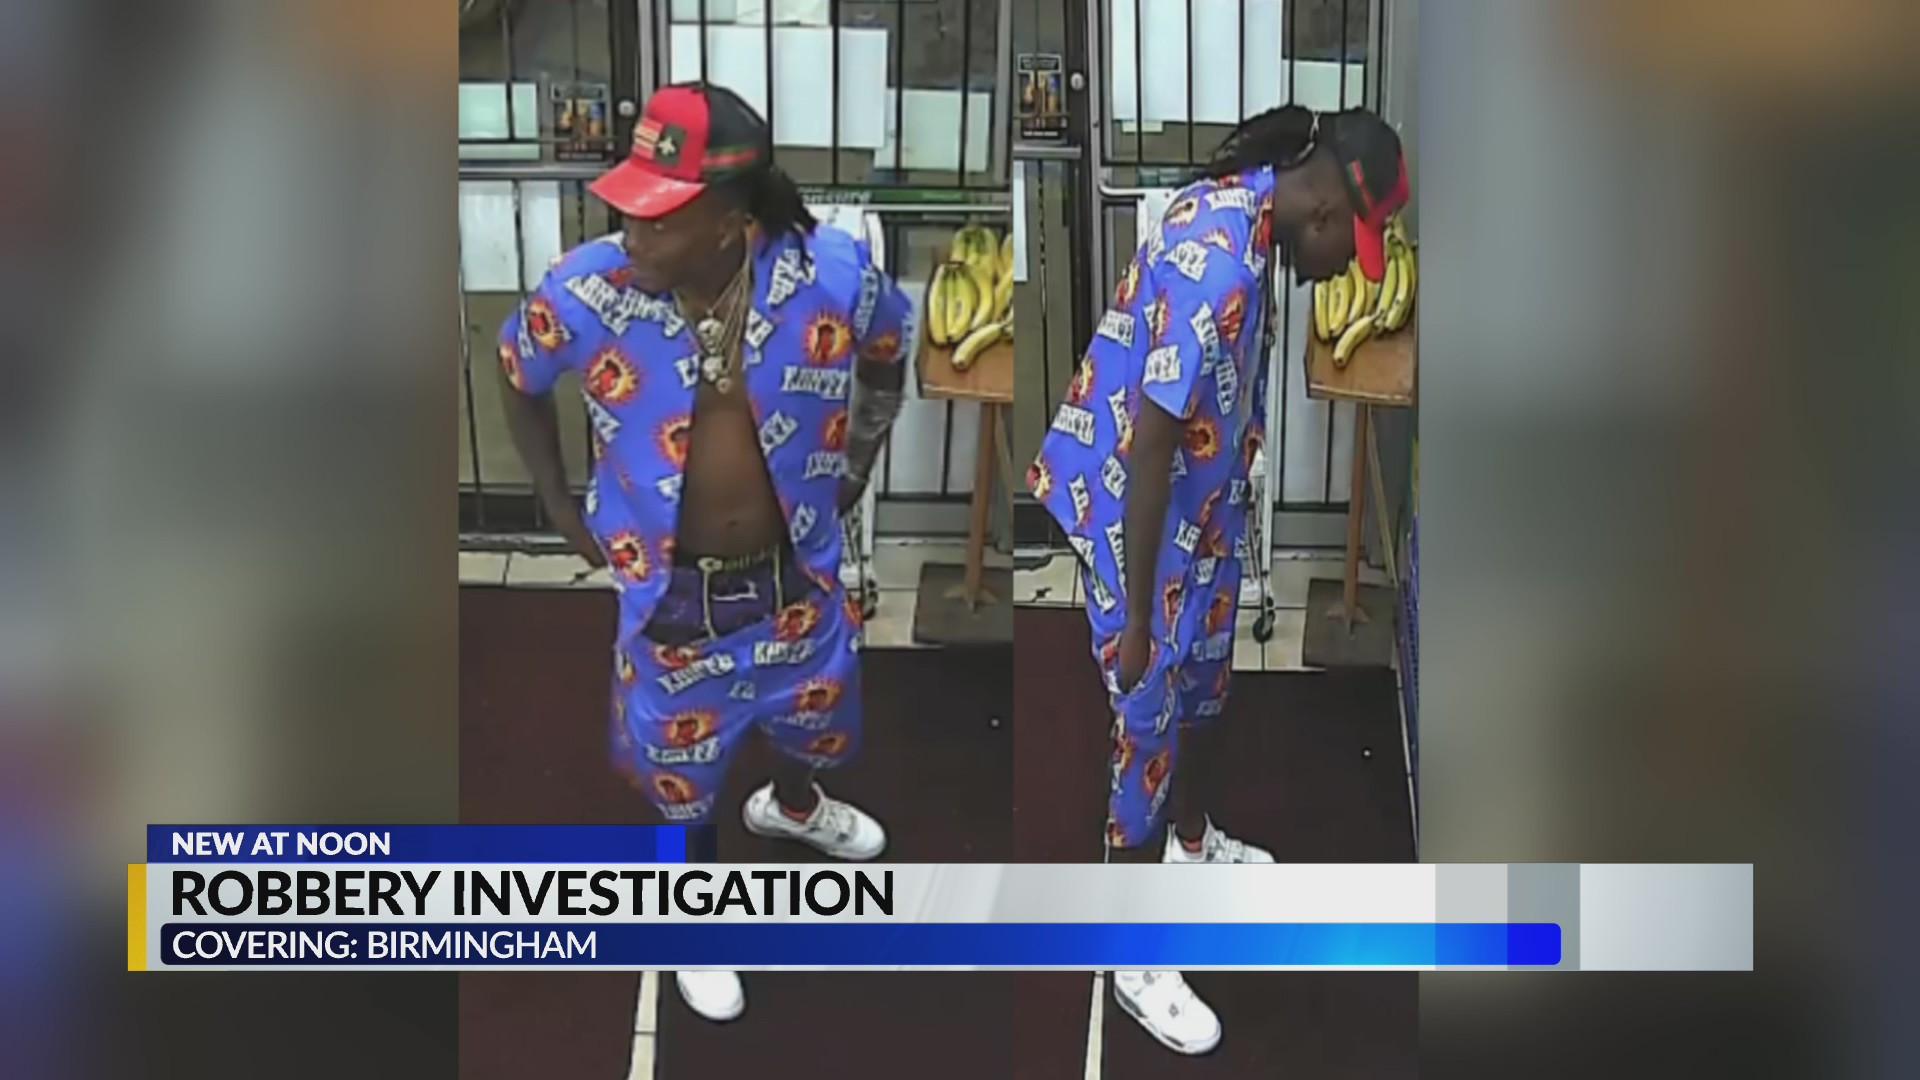 Autoridades buscan sospechoso involucrado en un robo en Birmingham